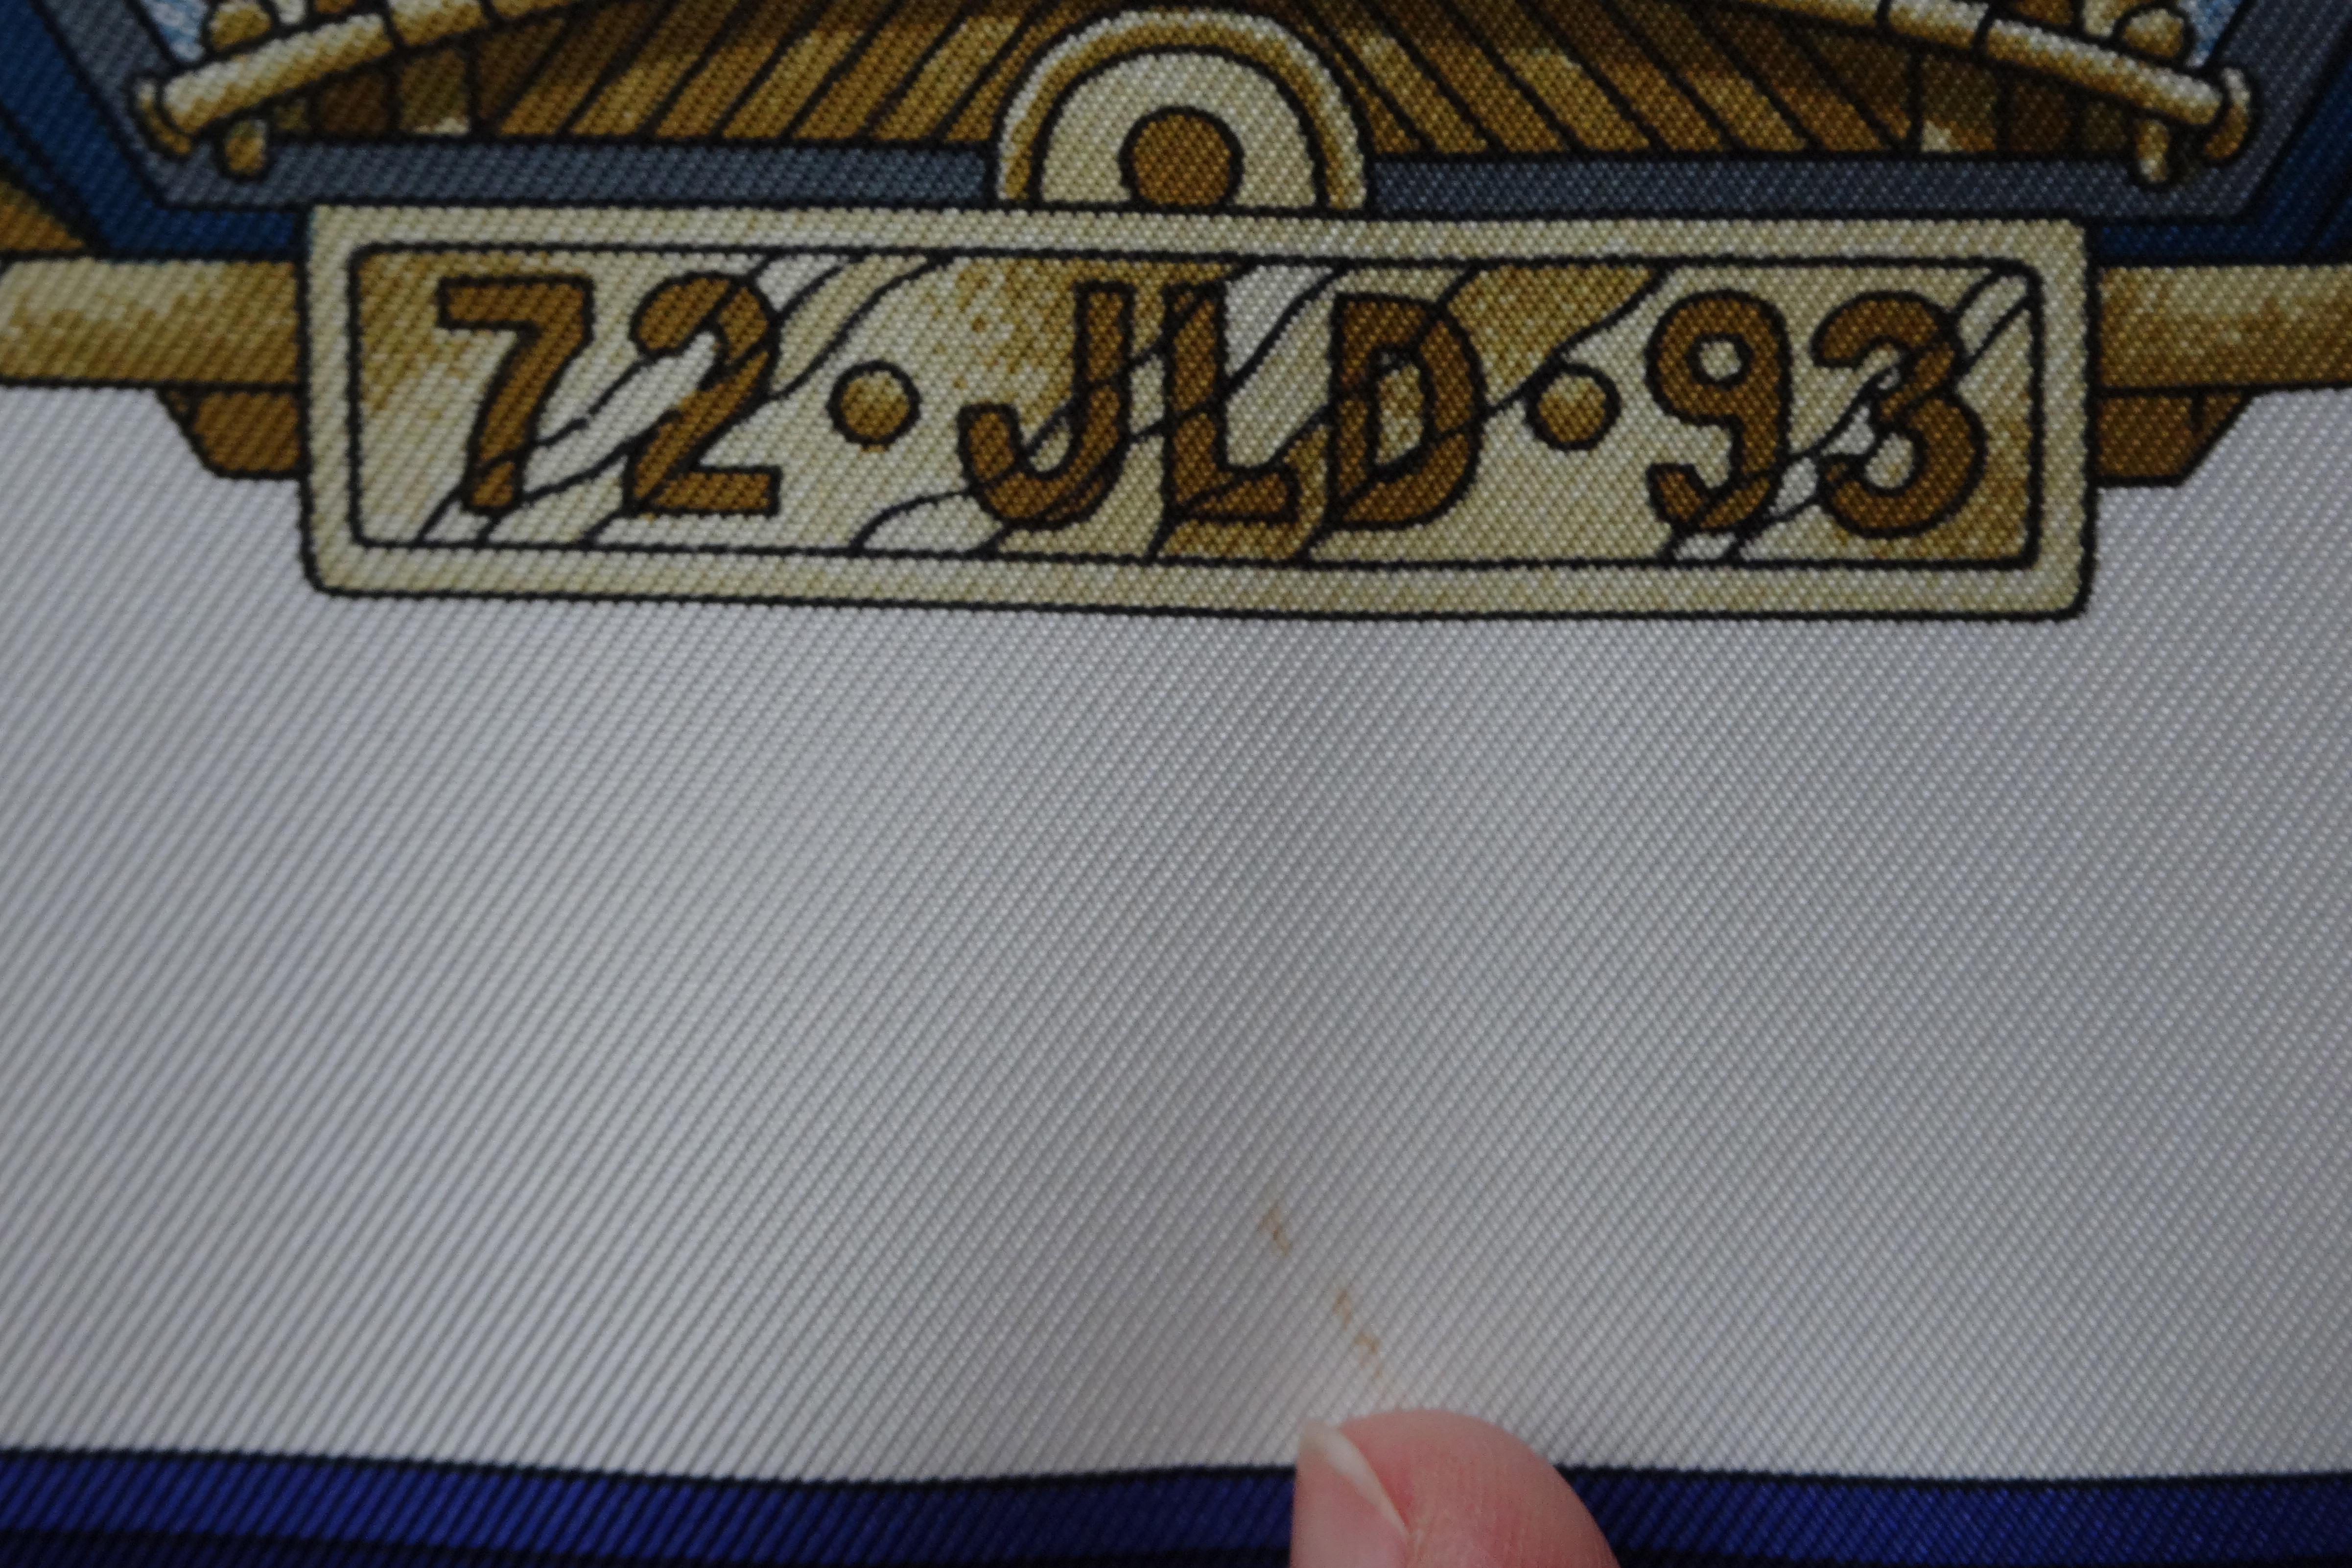 Freol spot under license plate / kleiner Fleck unter dem Nummernschild